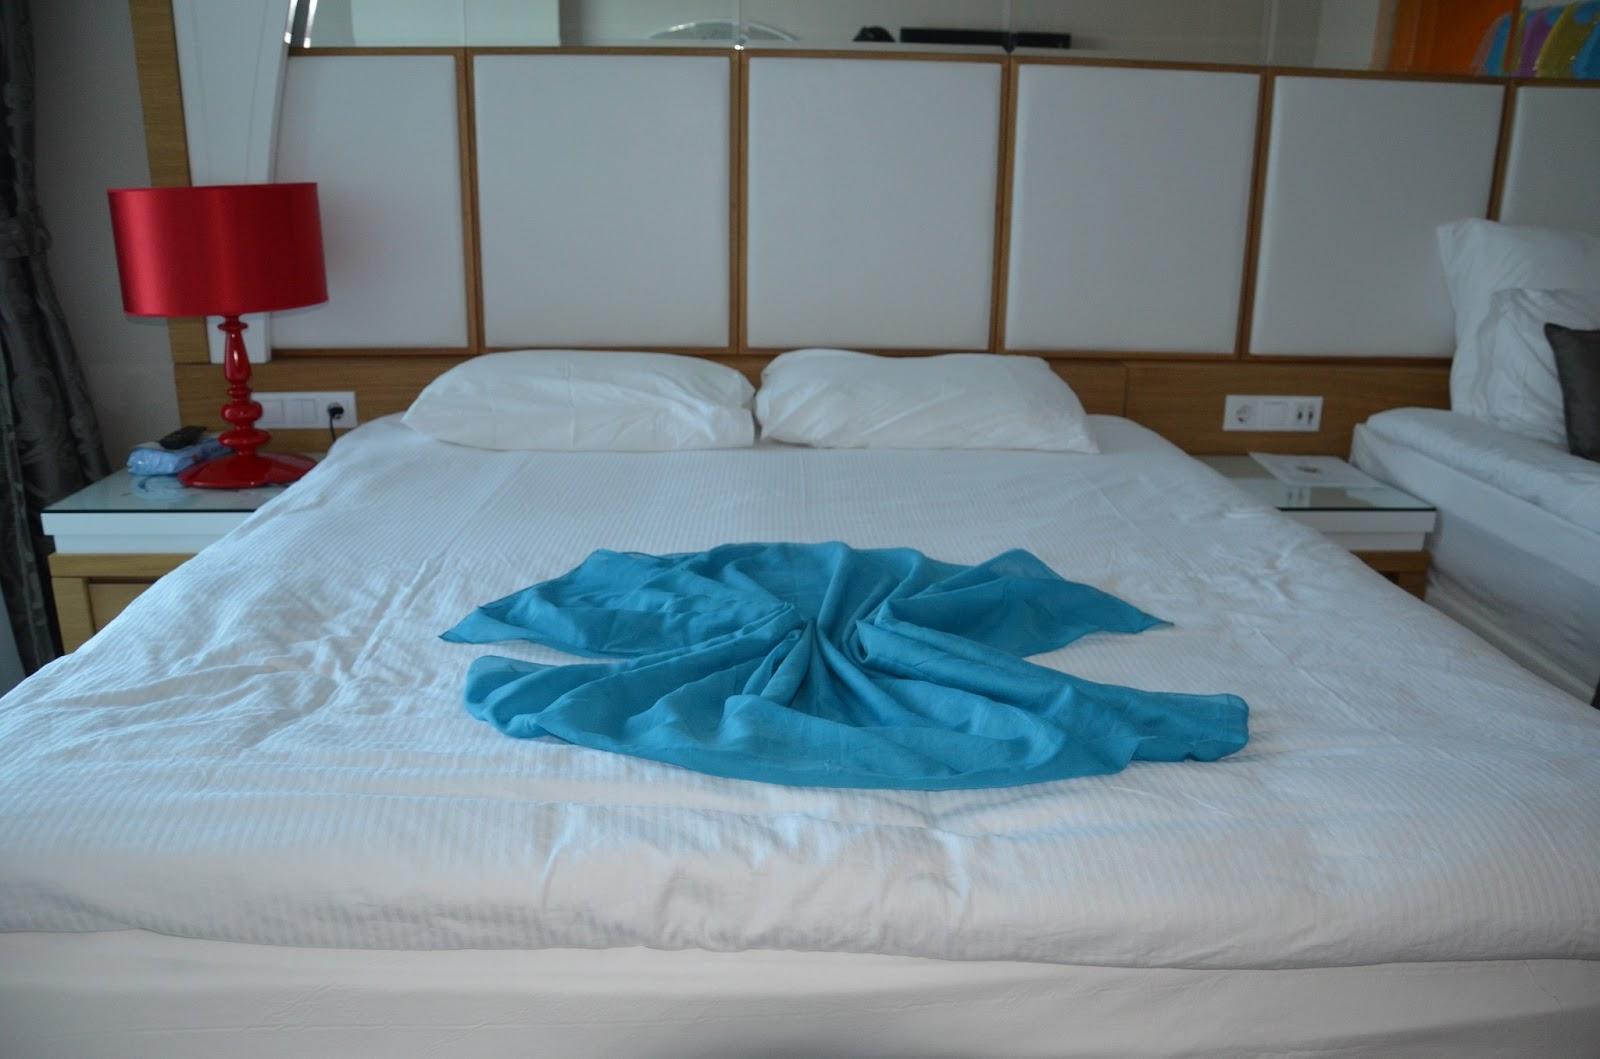 Секс в лепестках роз на кровати 8 фотография